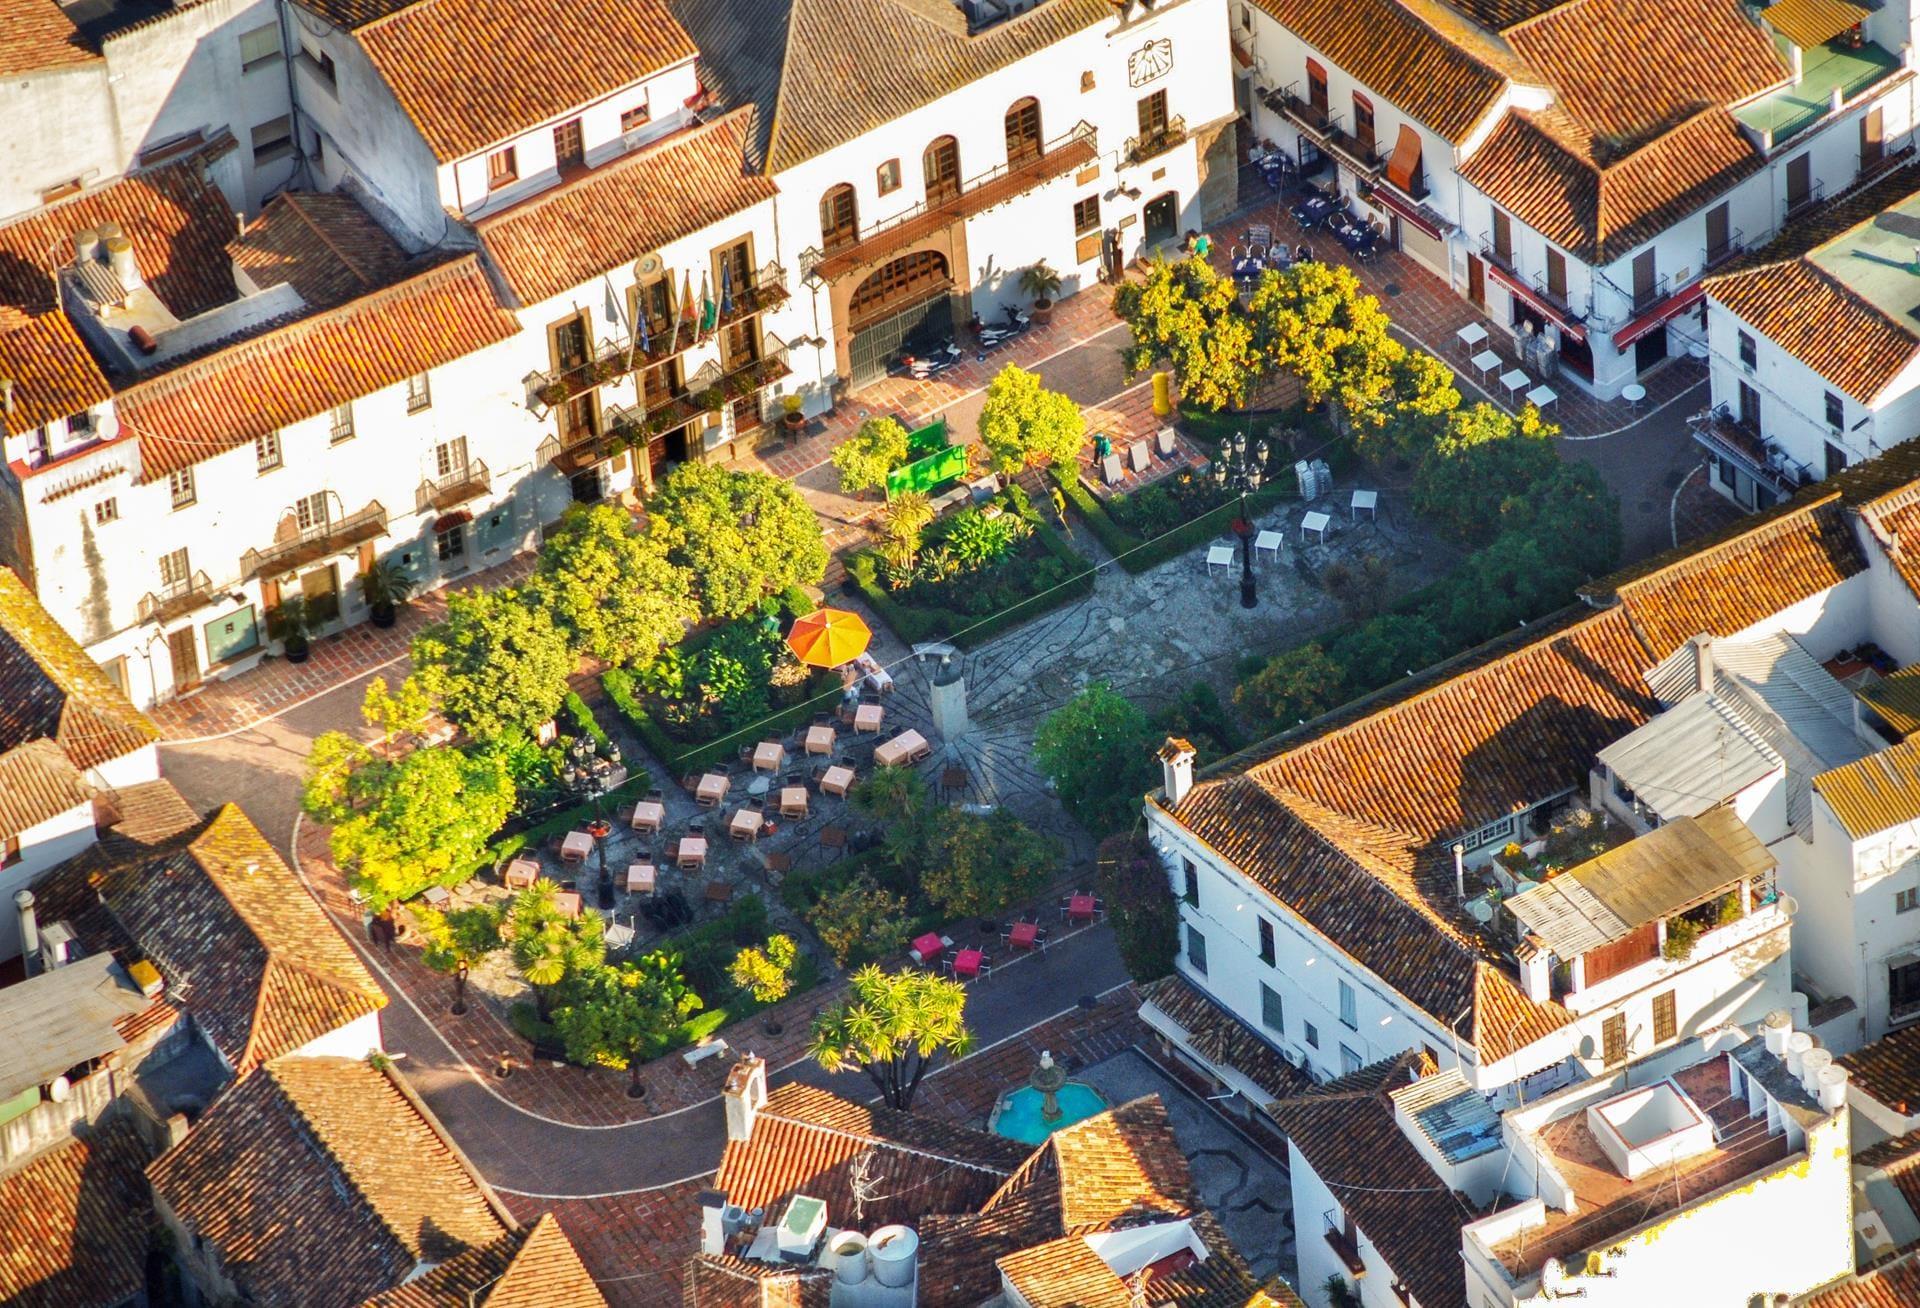 Marbella ld Town